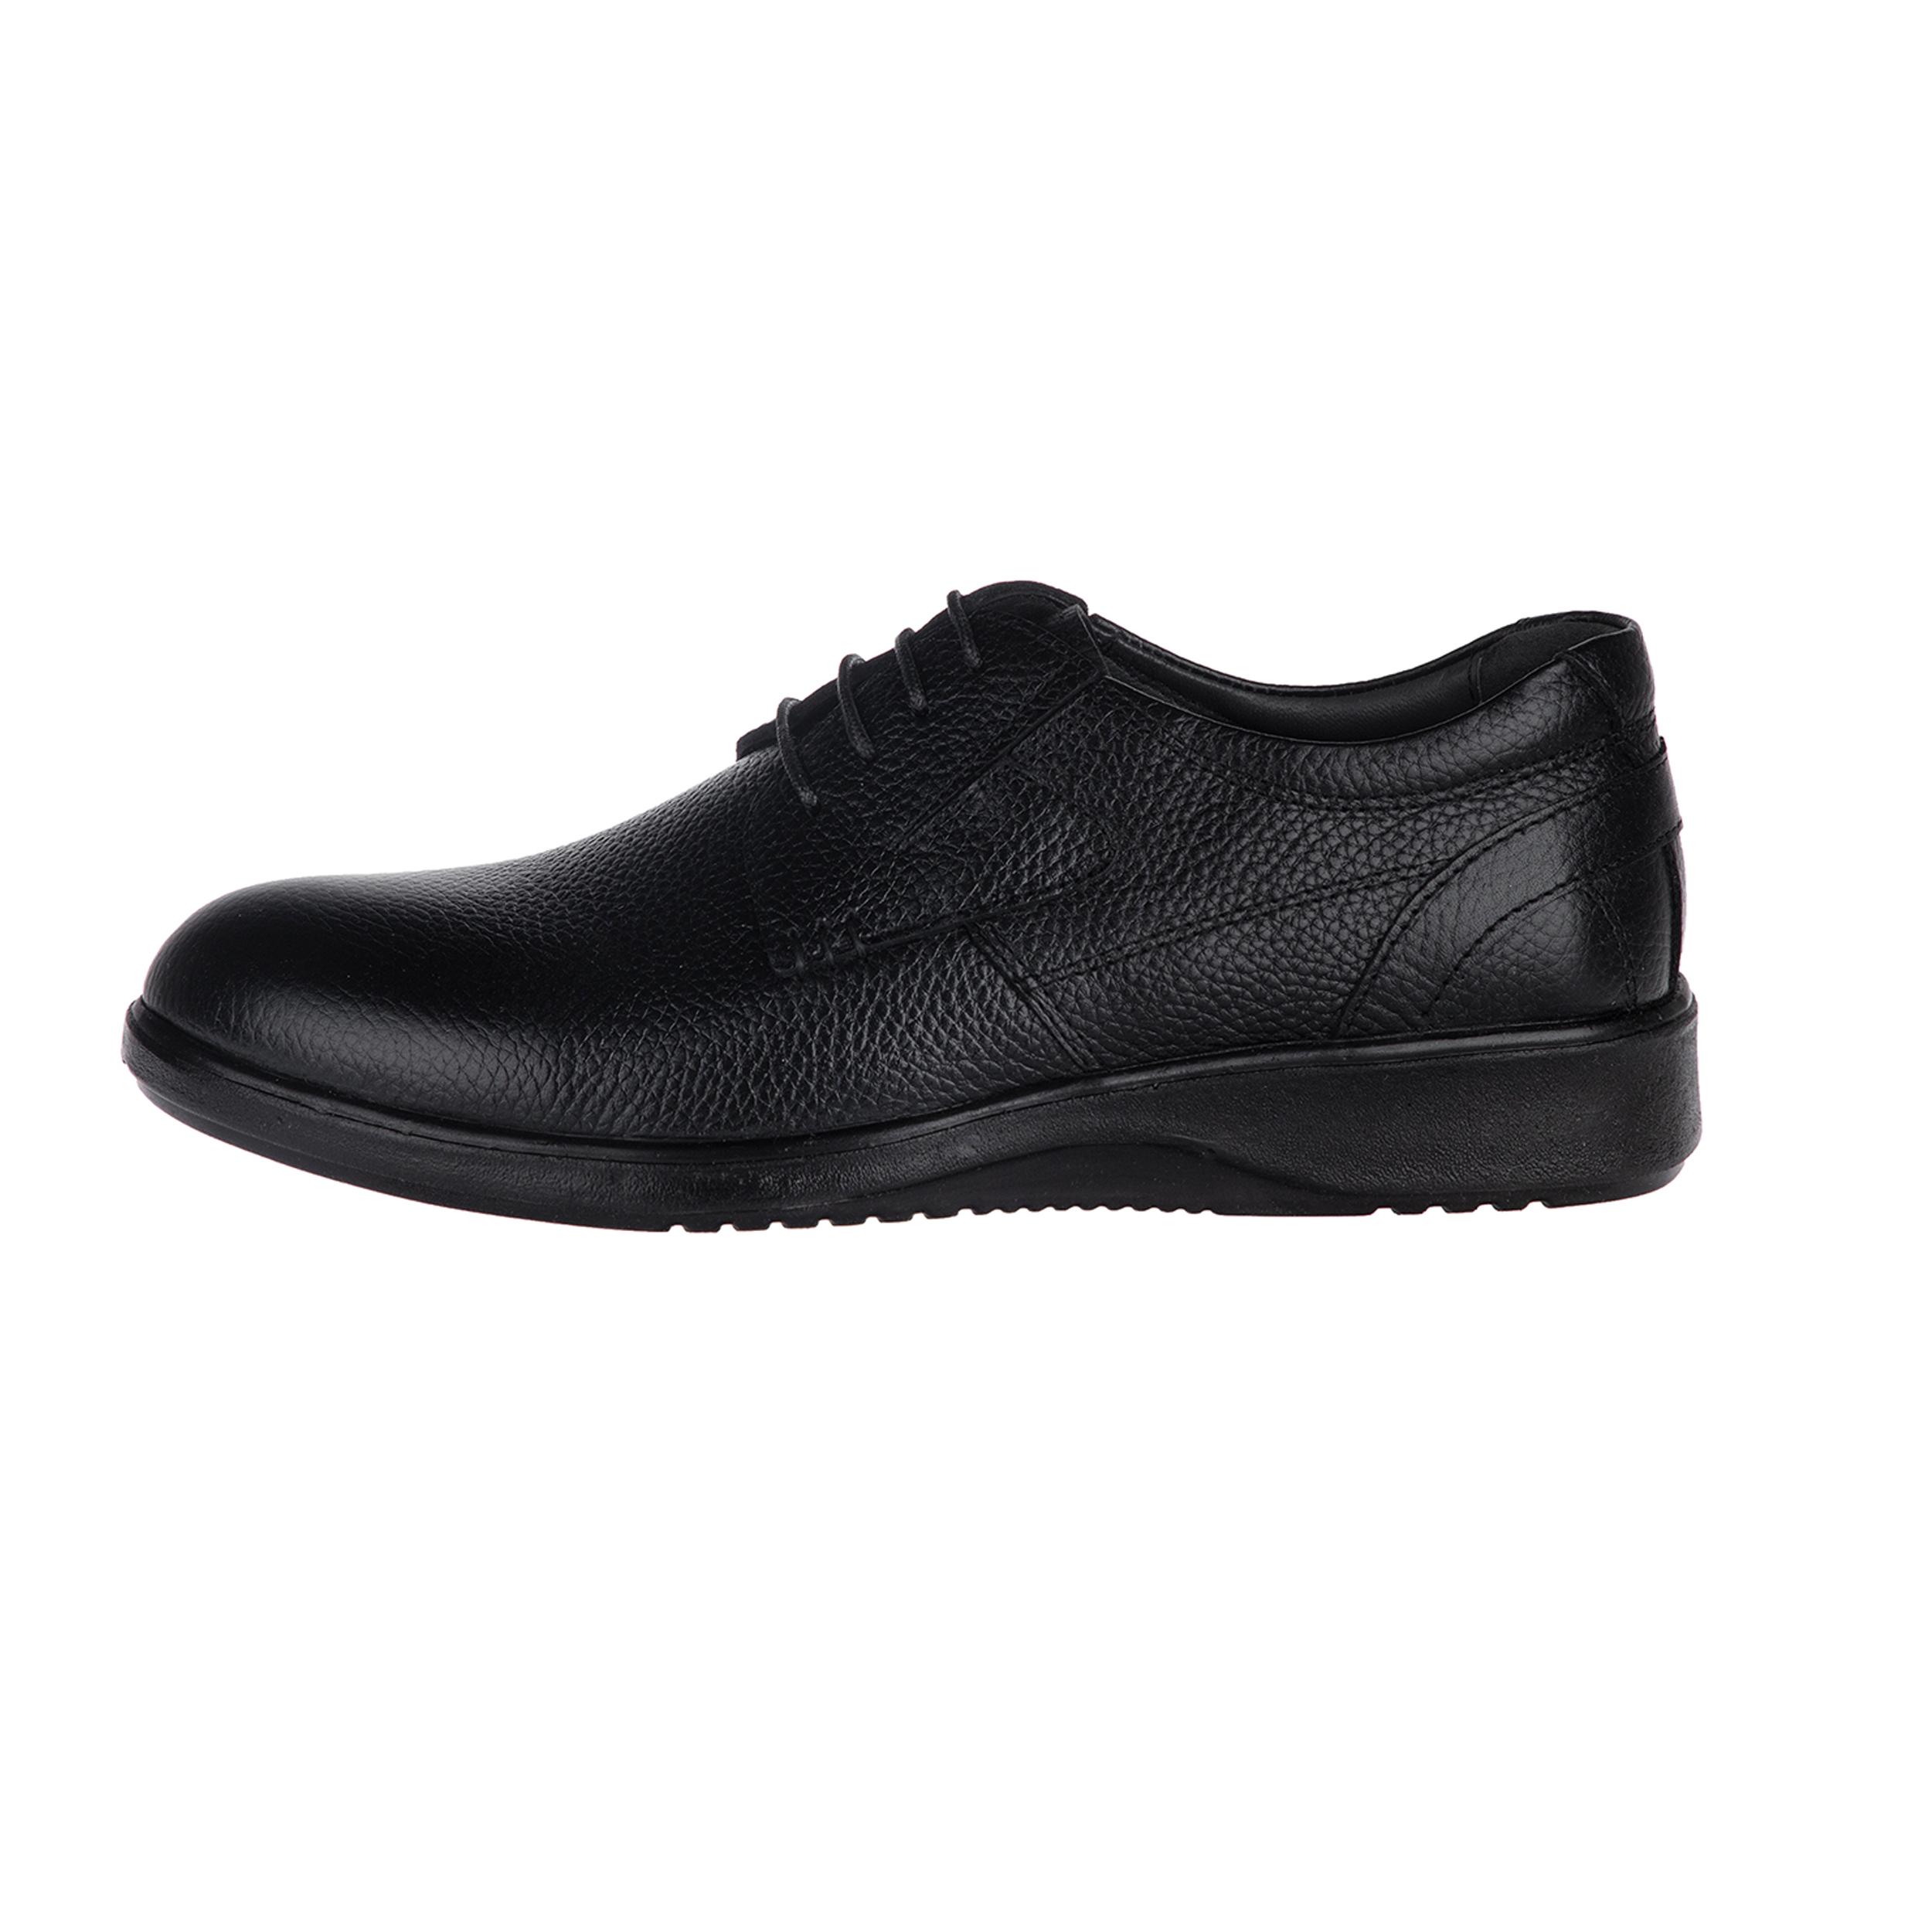 کفش روزمره مردانه واران مدل 7183b503101